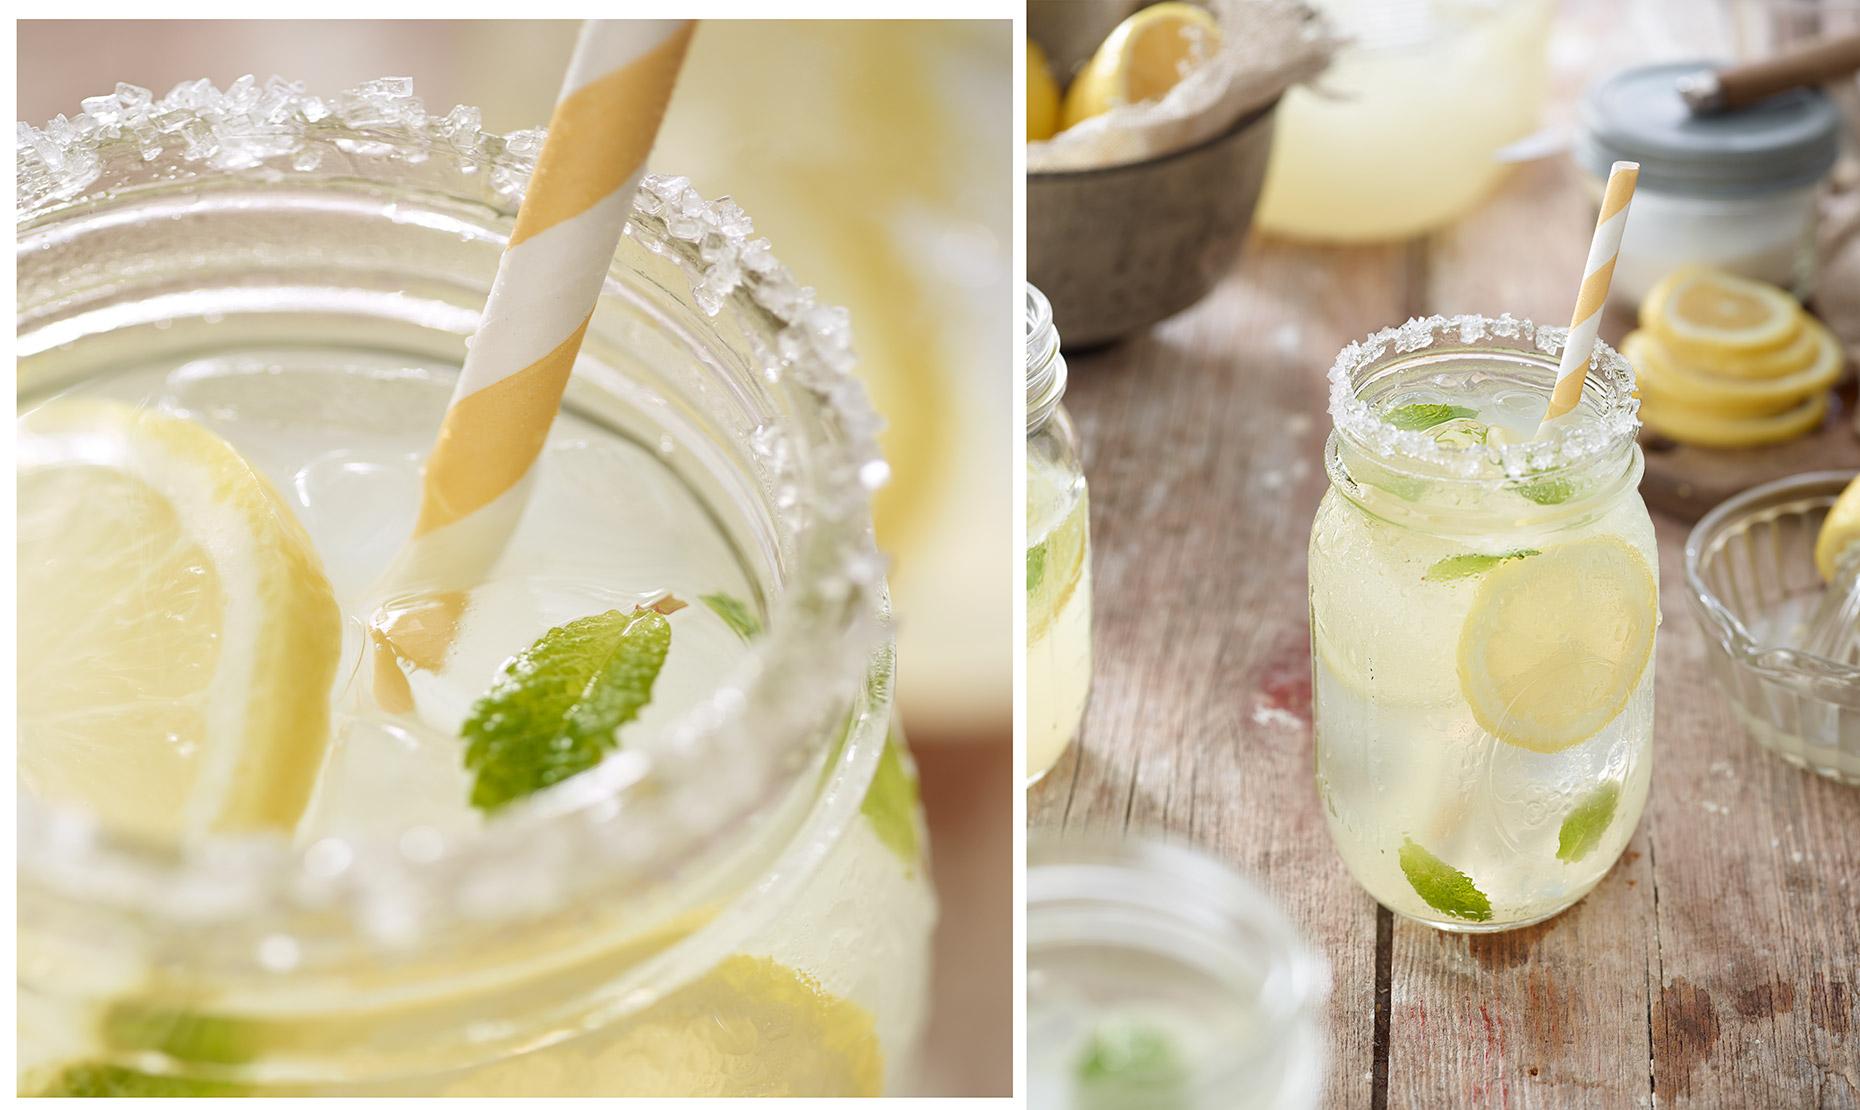 LemonadeDiptic.jpg